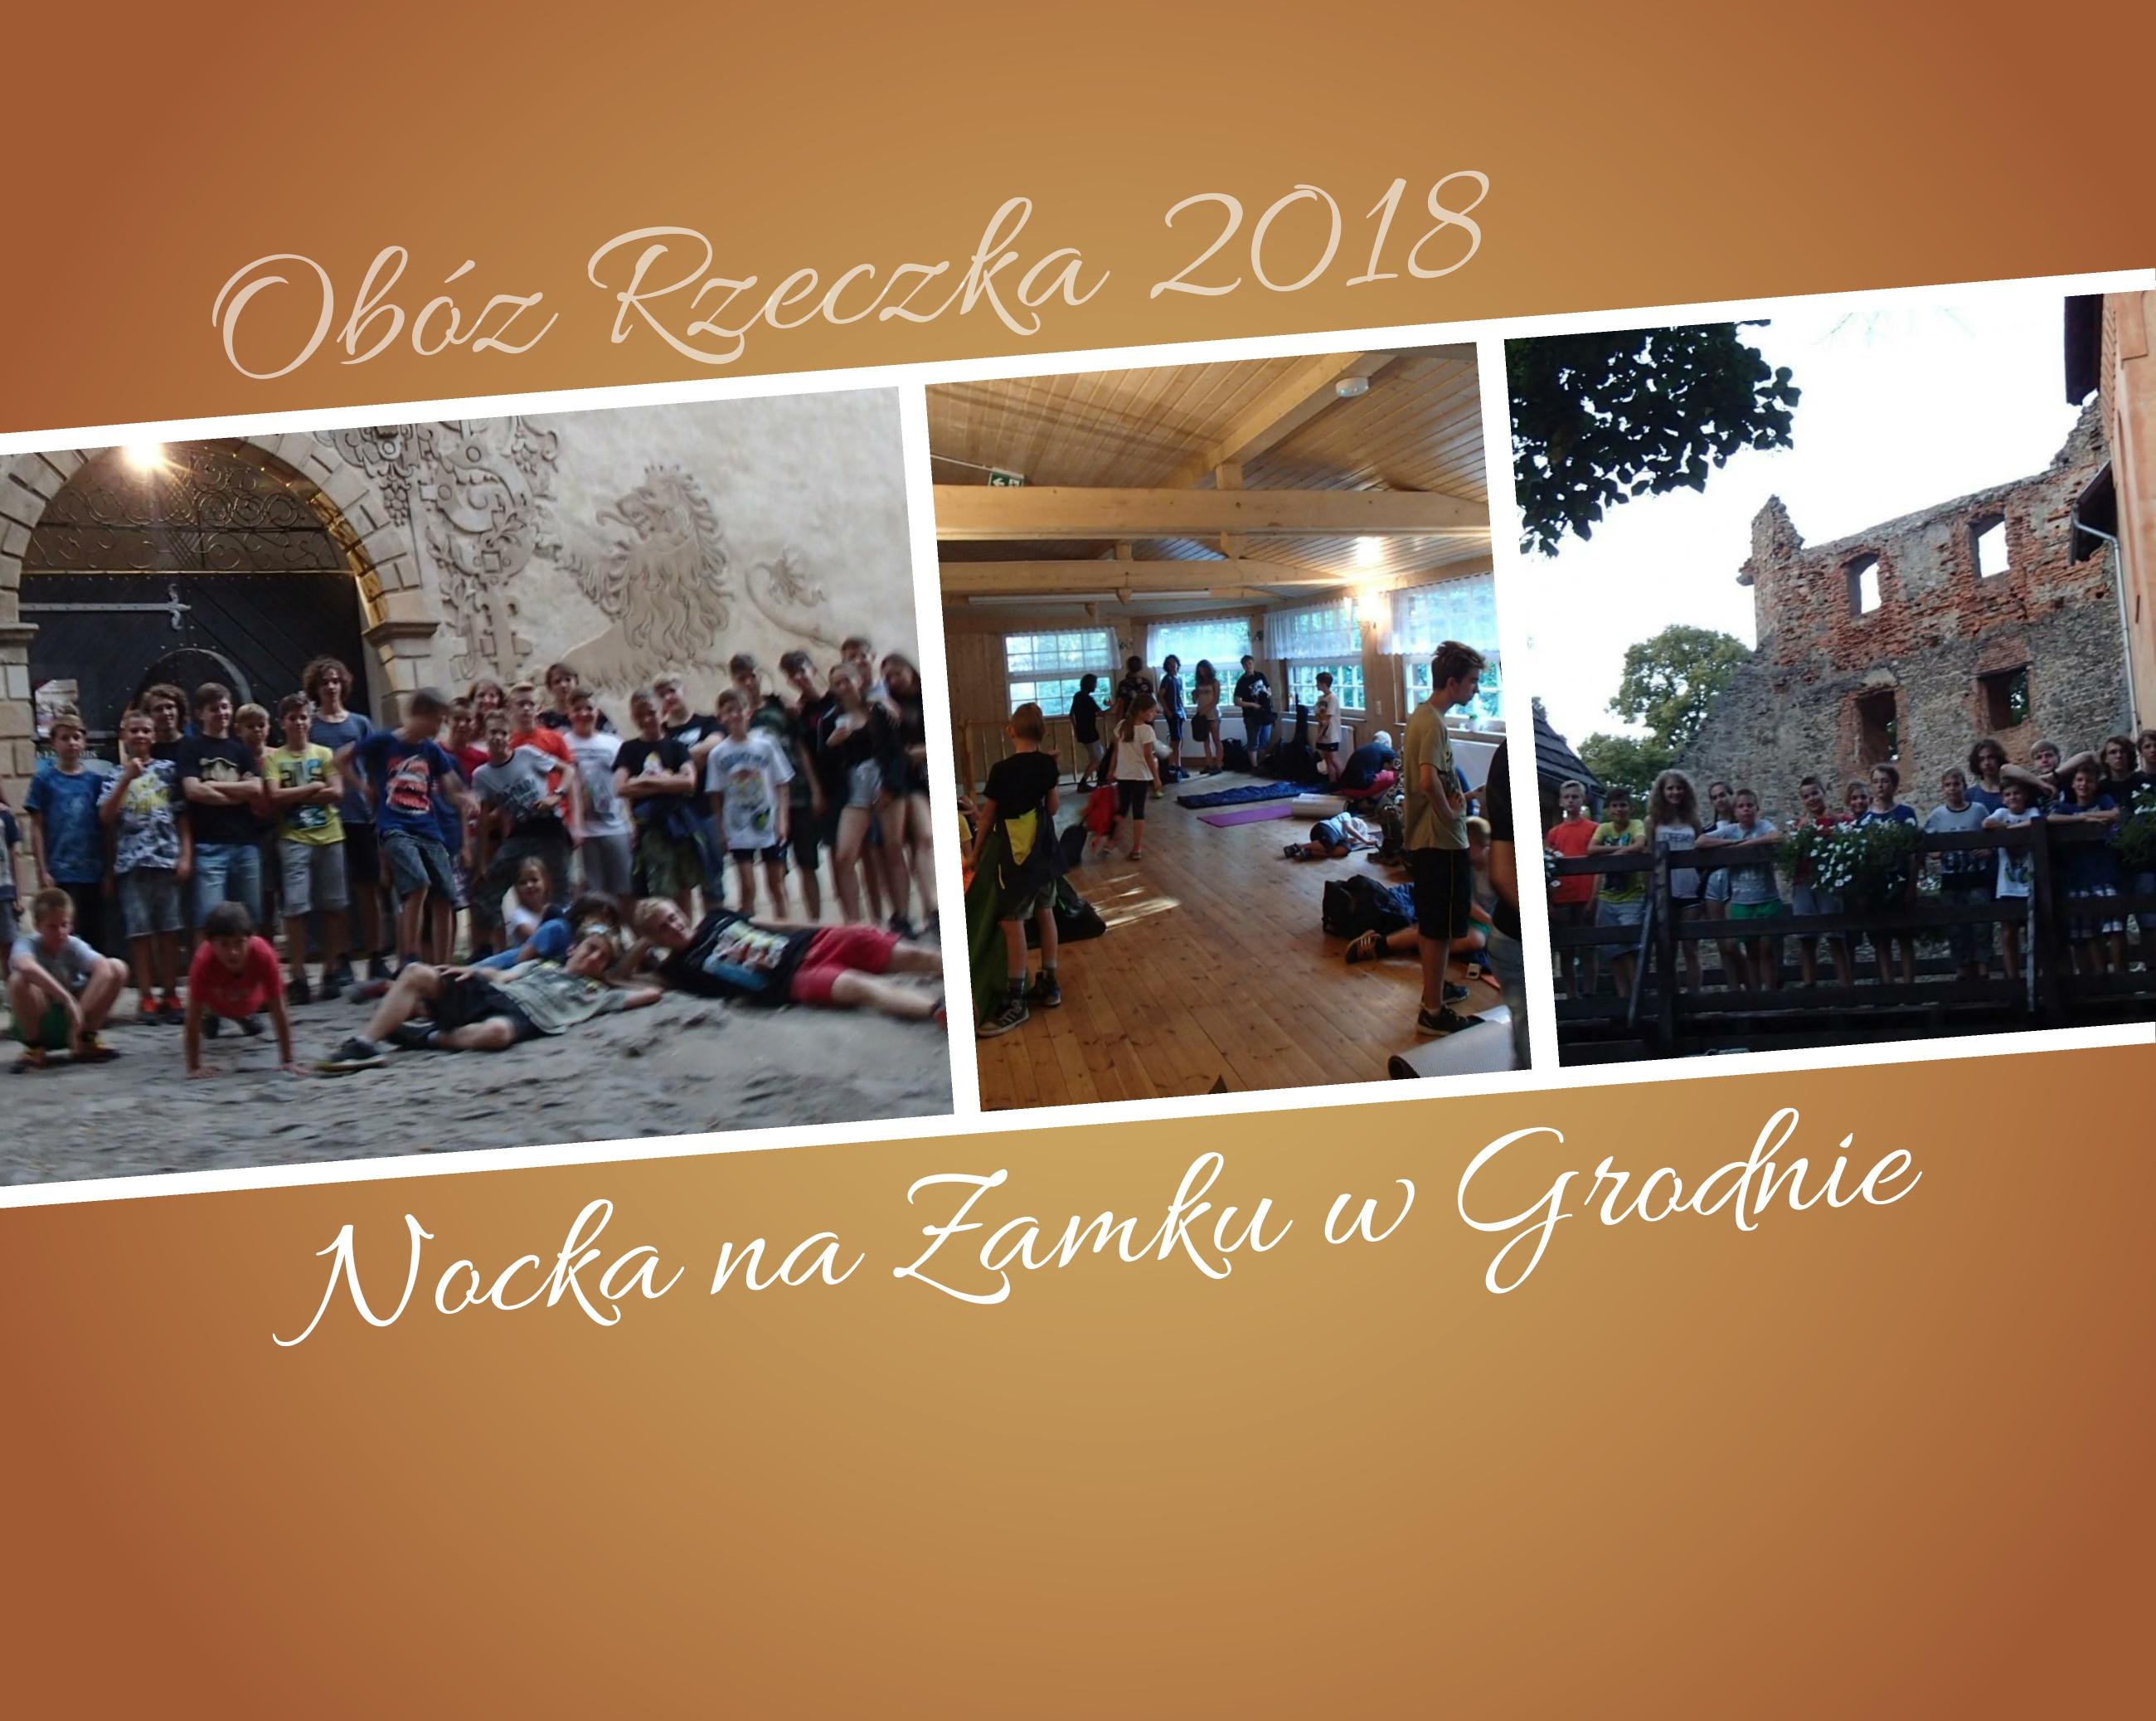 Obóz Rzeczka 2018 – marsz na azymut i nocka na zamku